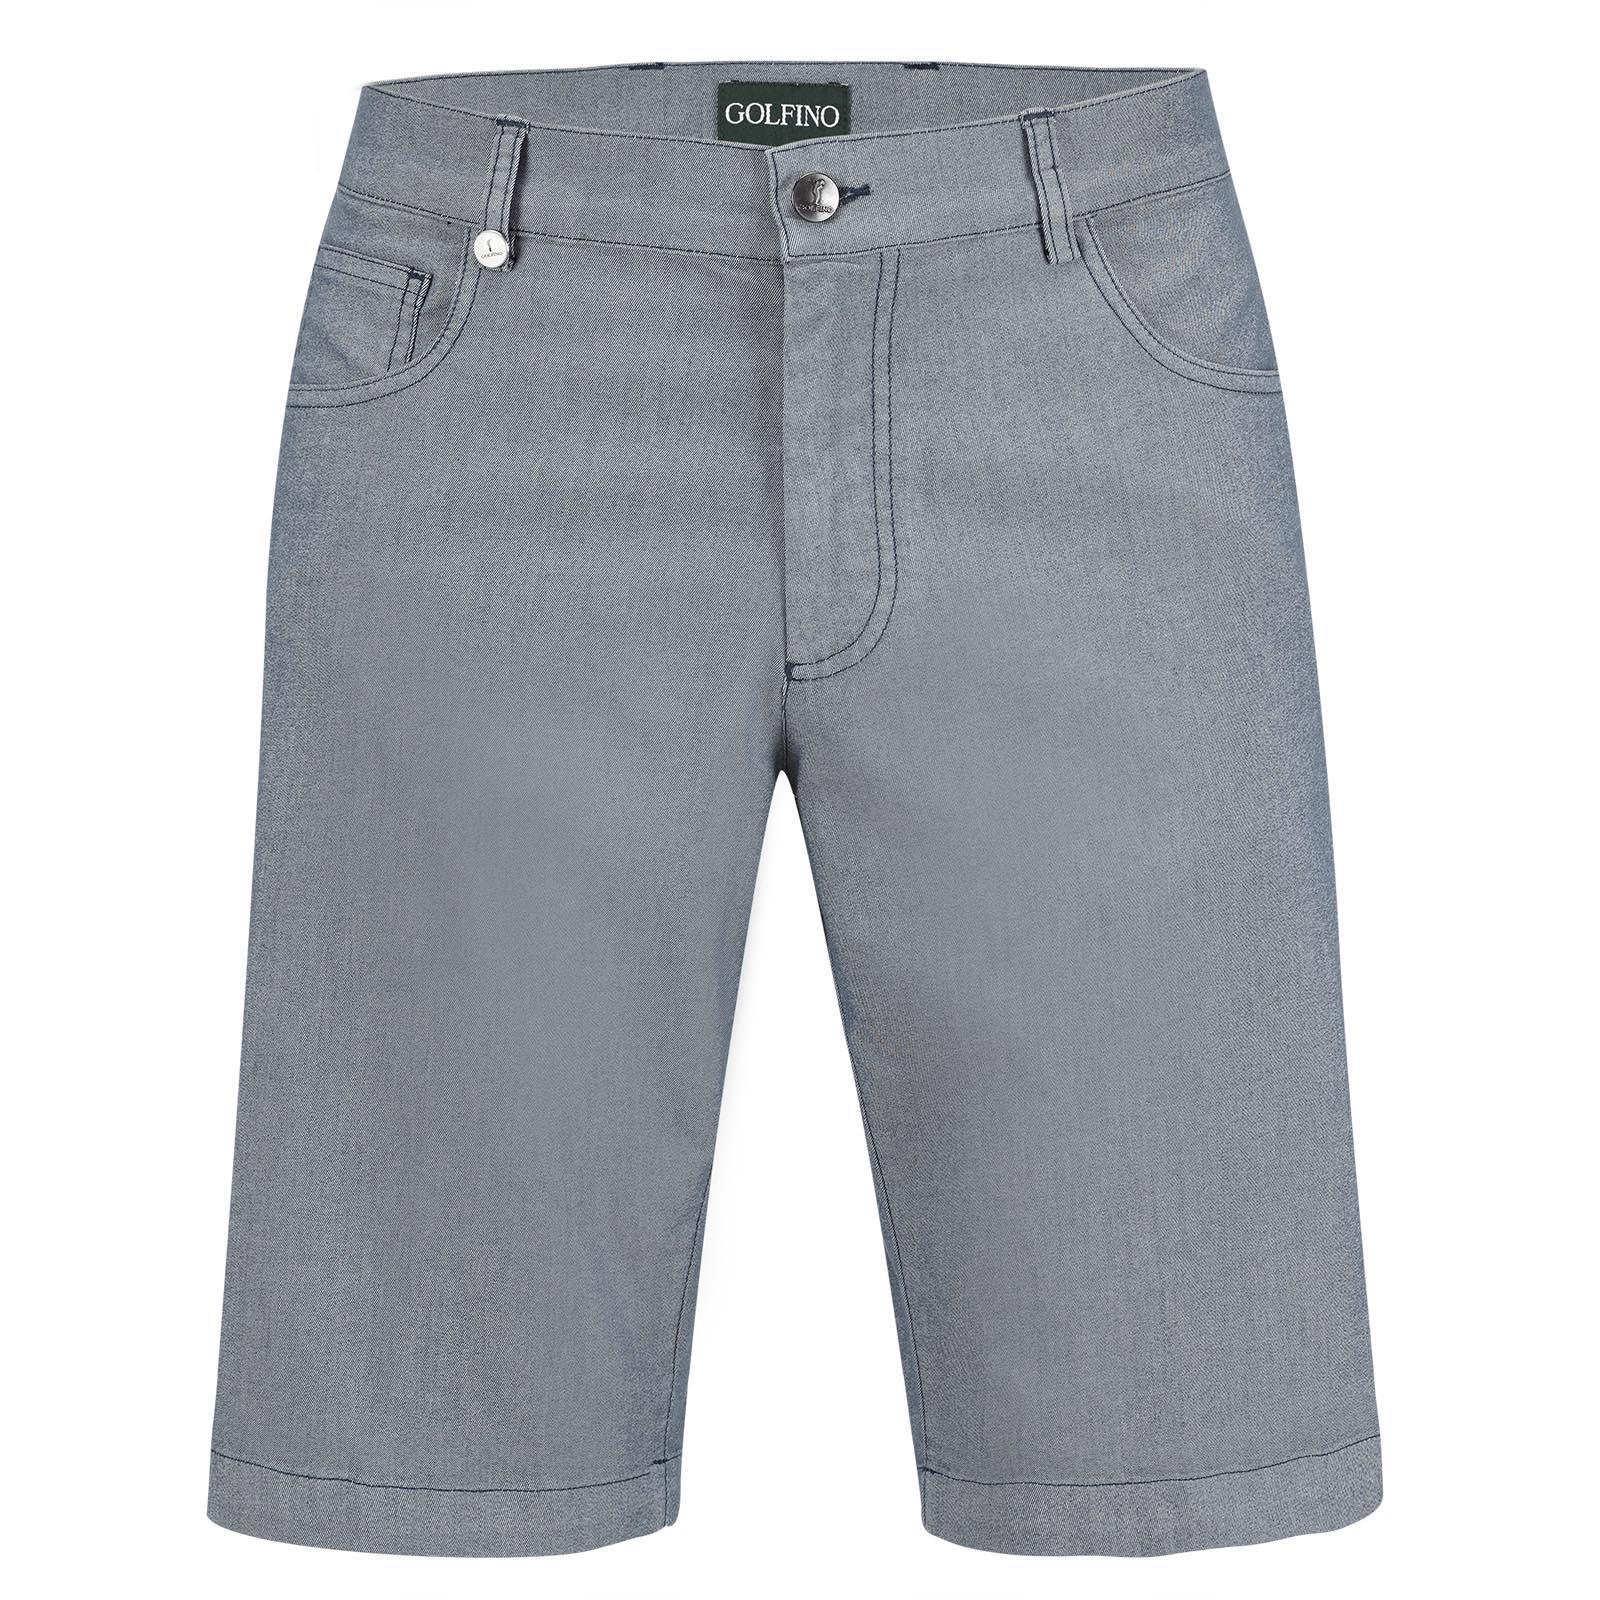 Herren Bermudas im Five-Pocket-Style